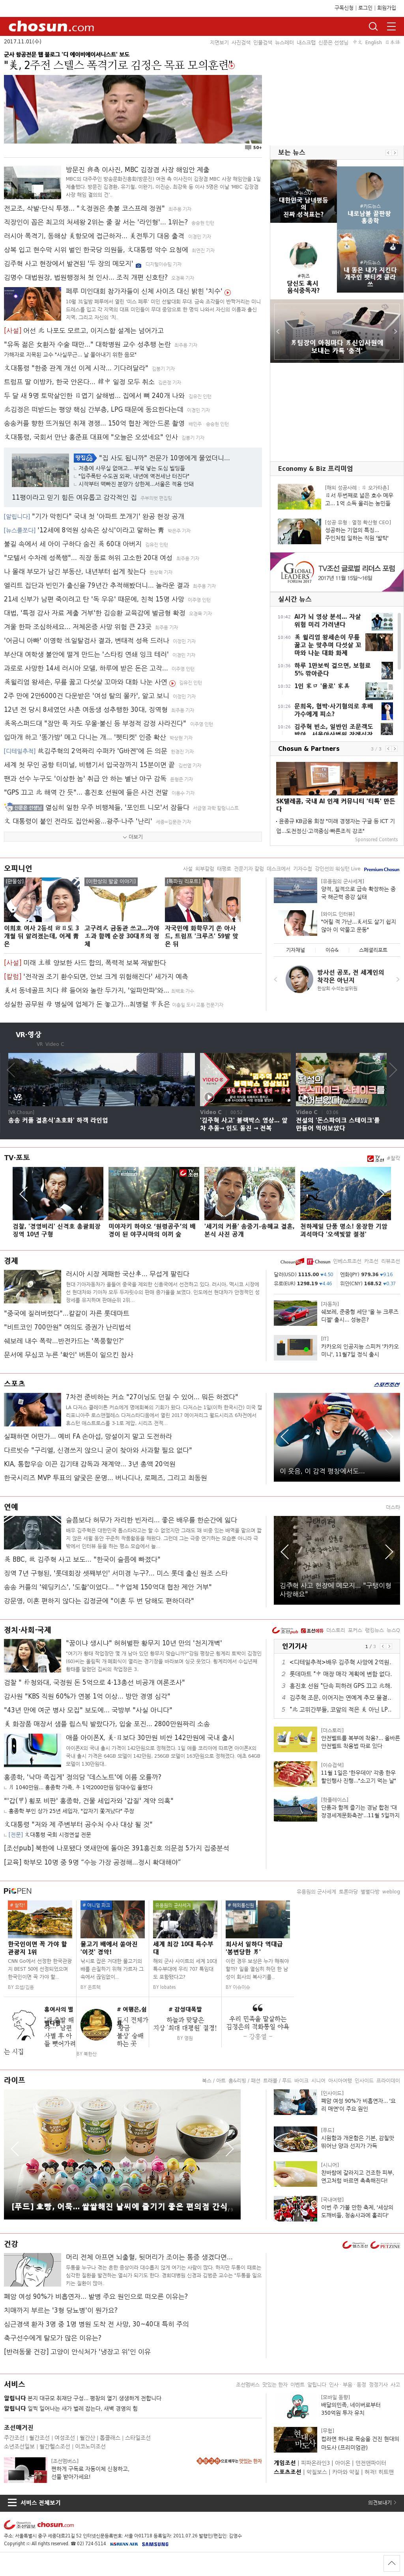 chosun.com at Wednesday Nov. 1, 2017, 11:02 a.m. UTC